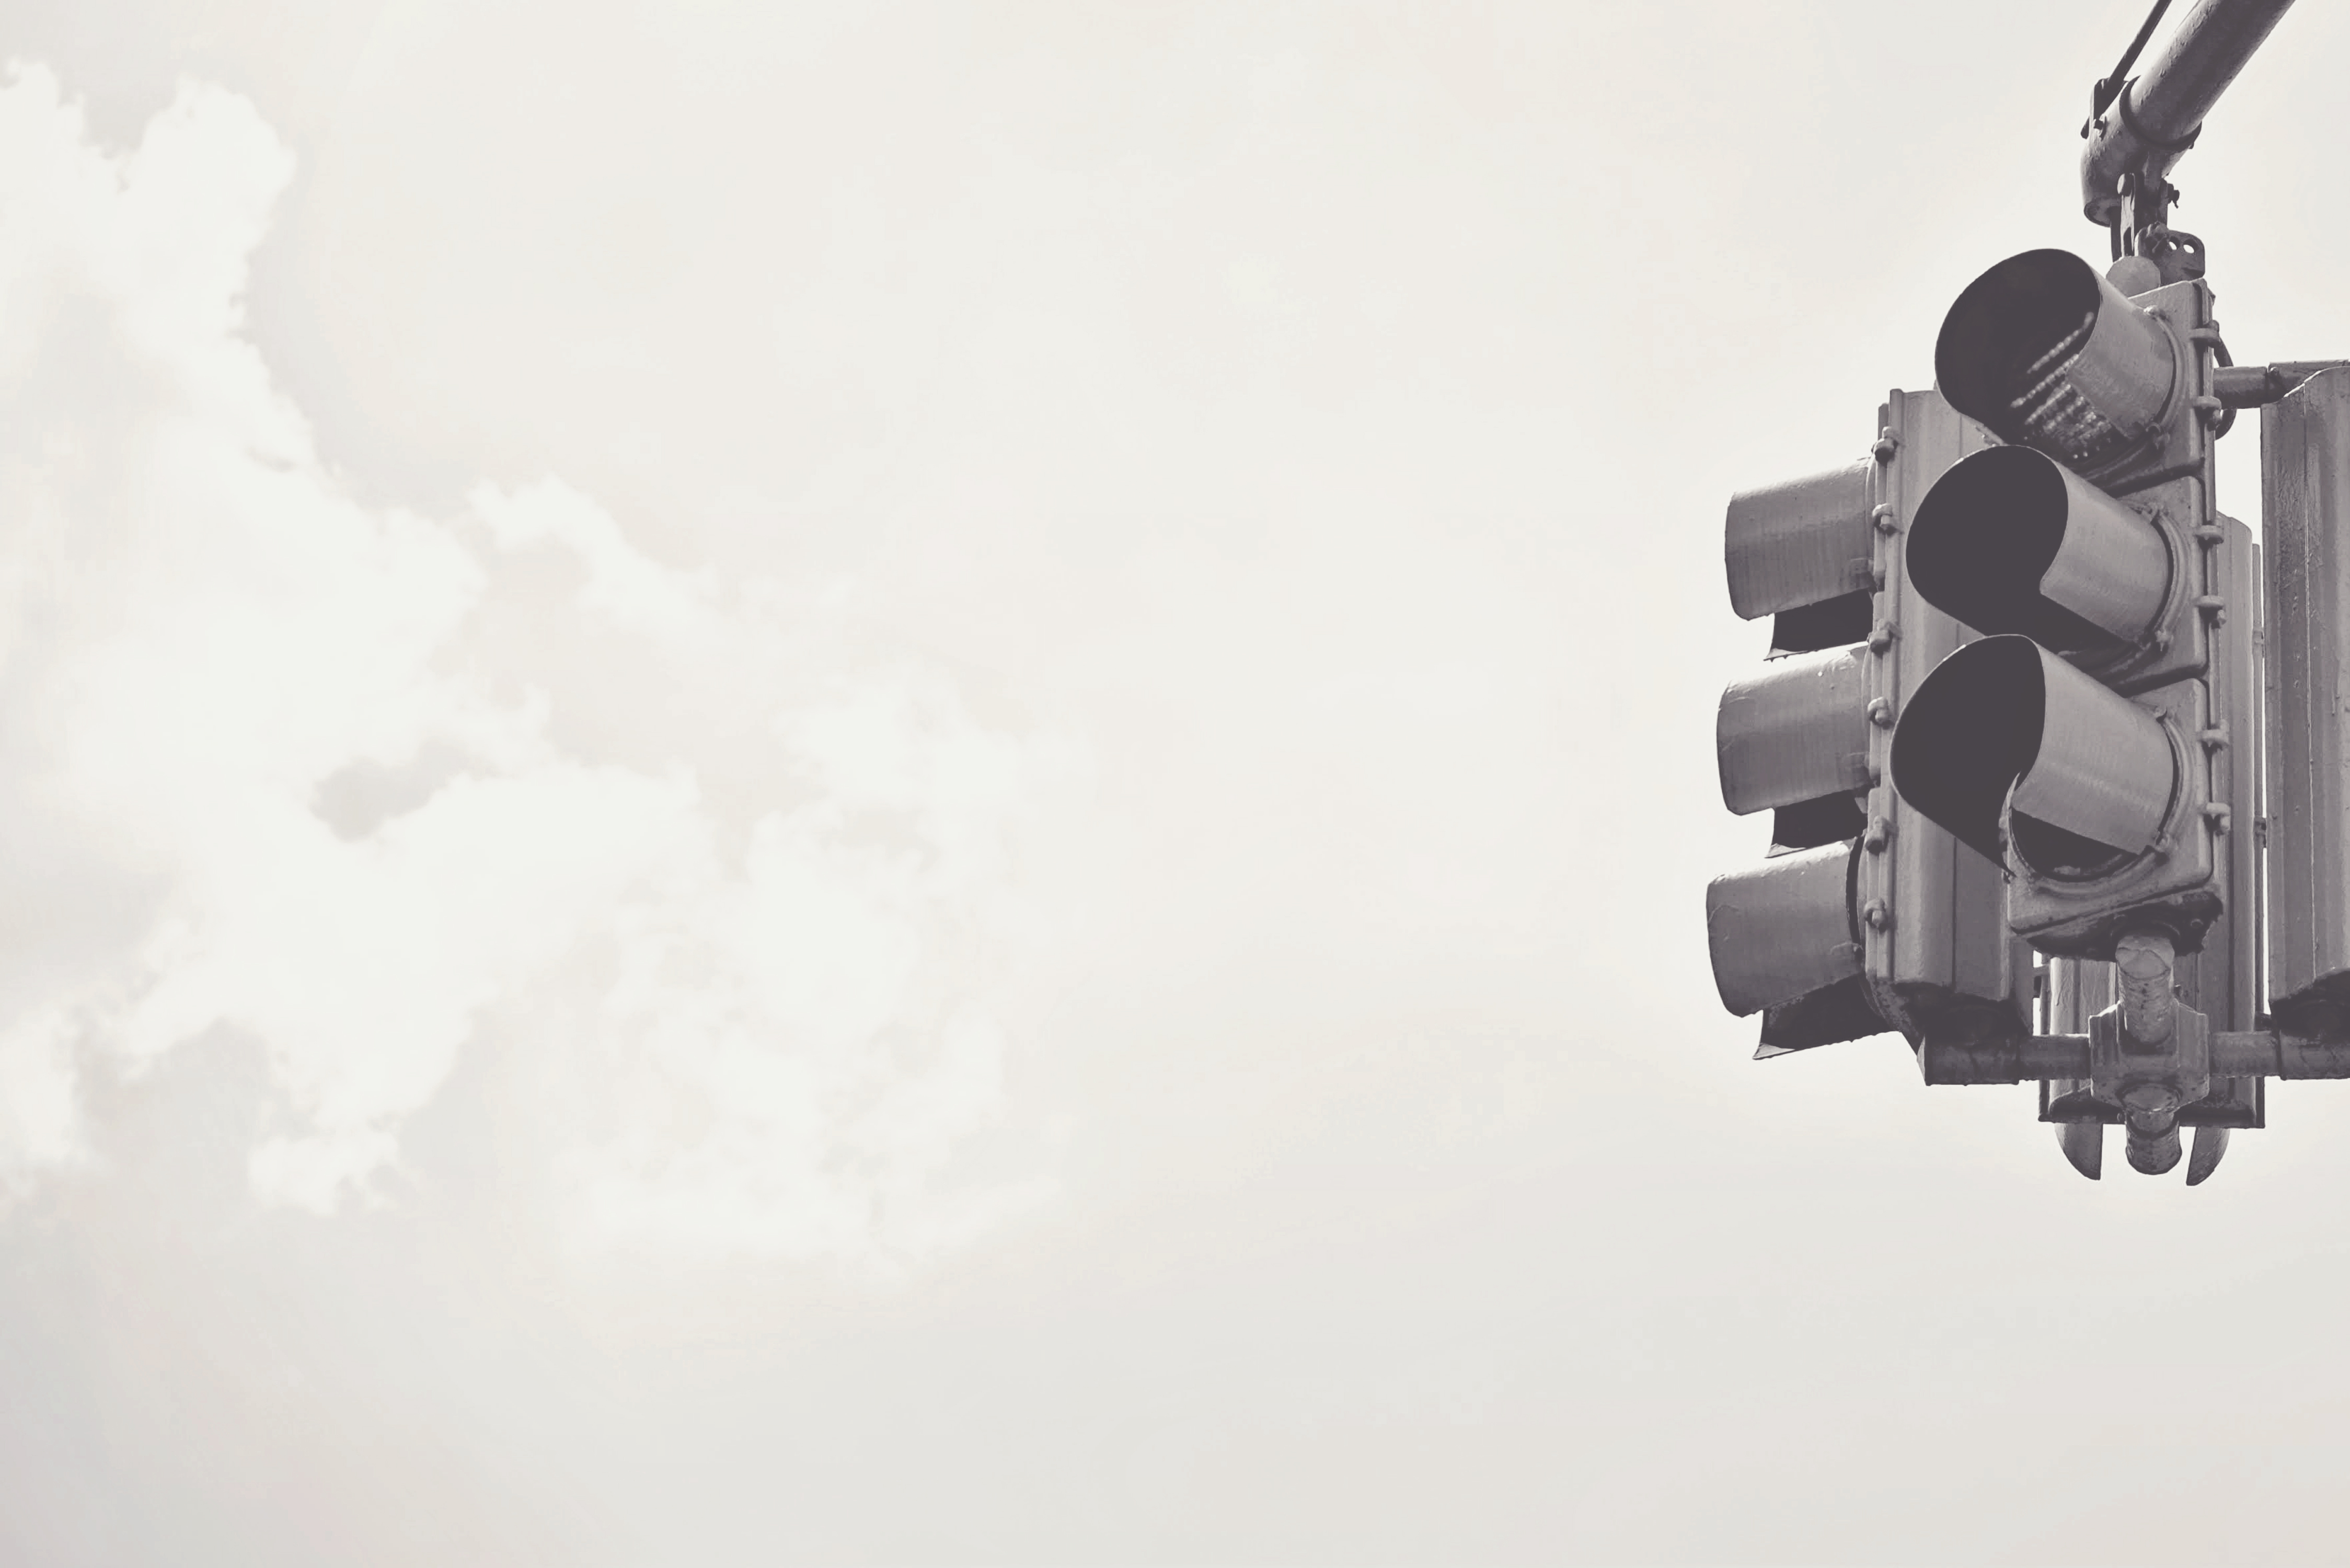 PEXELS daylight-equipment-hanging-147430 v2.jpg